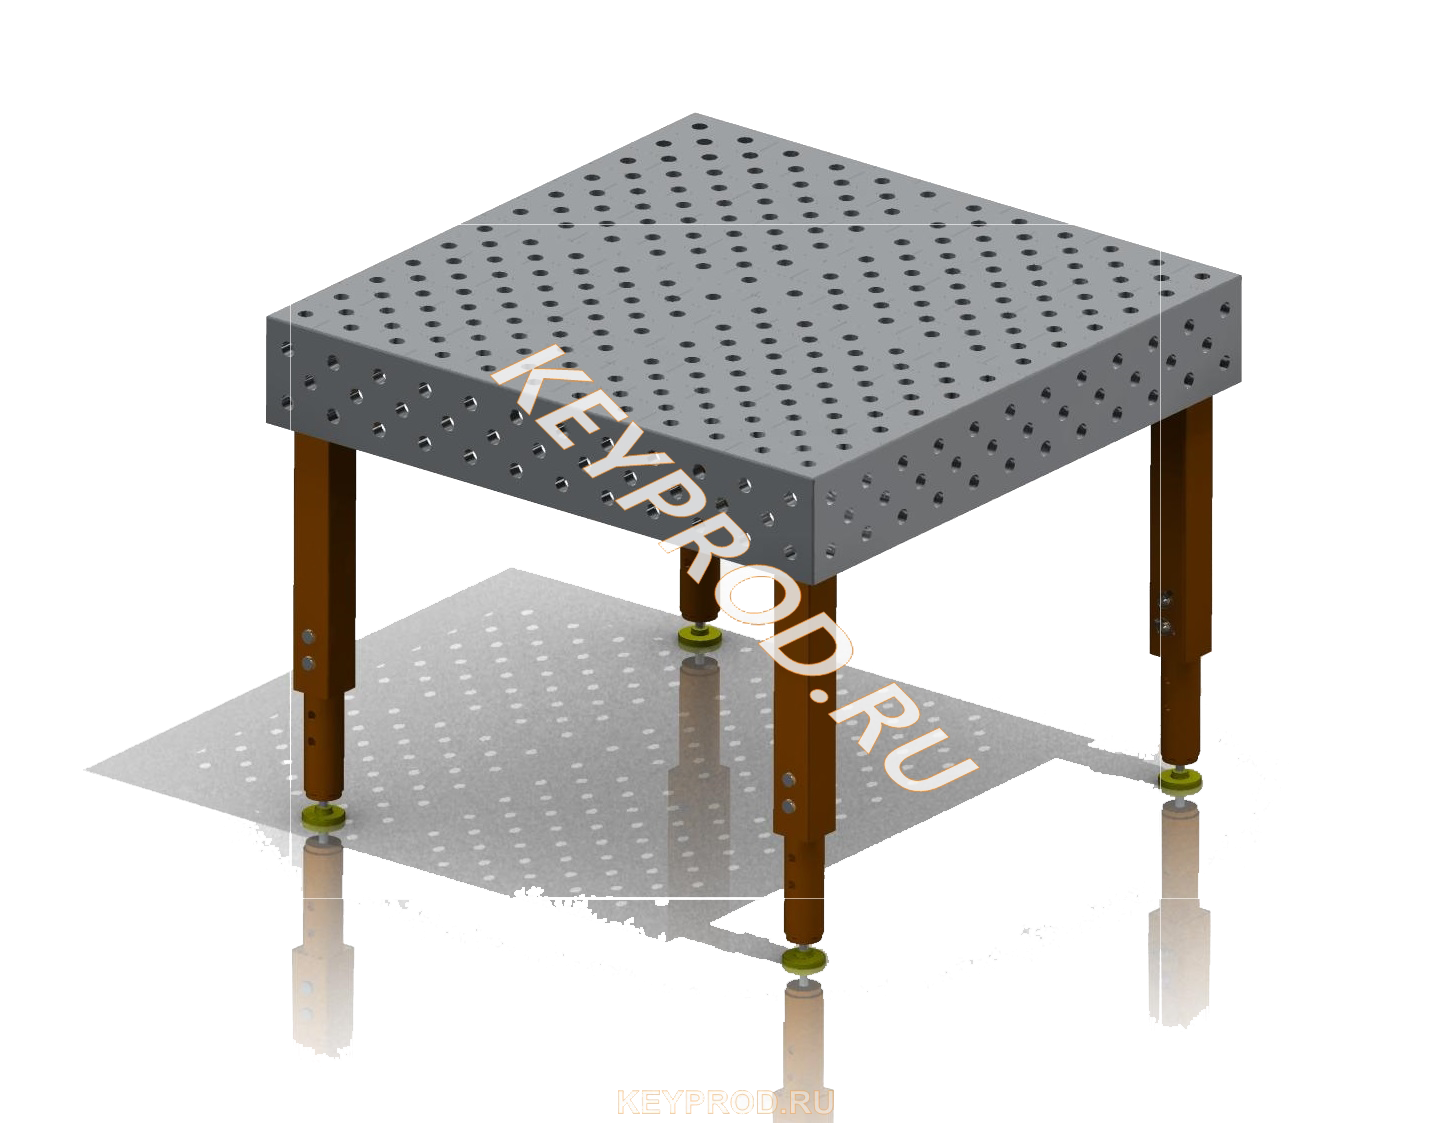 Сварочный стол система 28 3D-модель